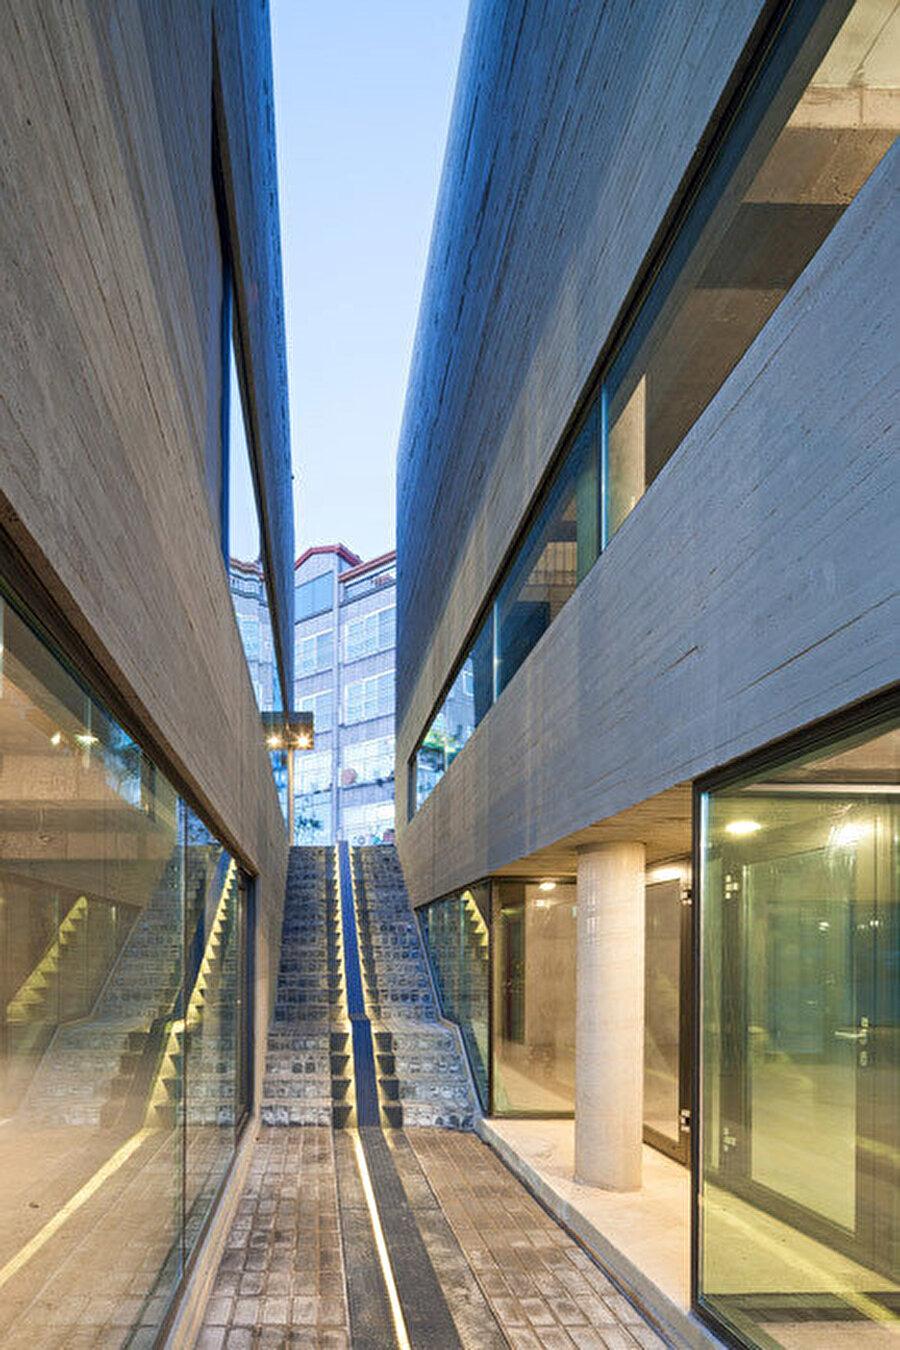 Binalar arasında kalan kısım, ortak kullanım alanı.